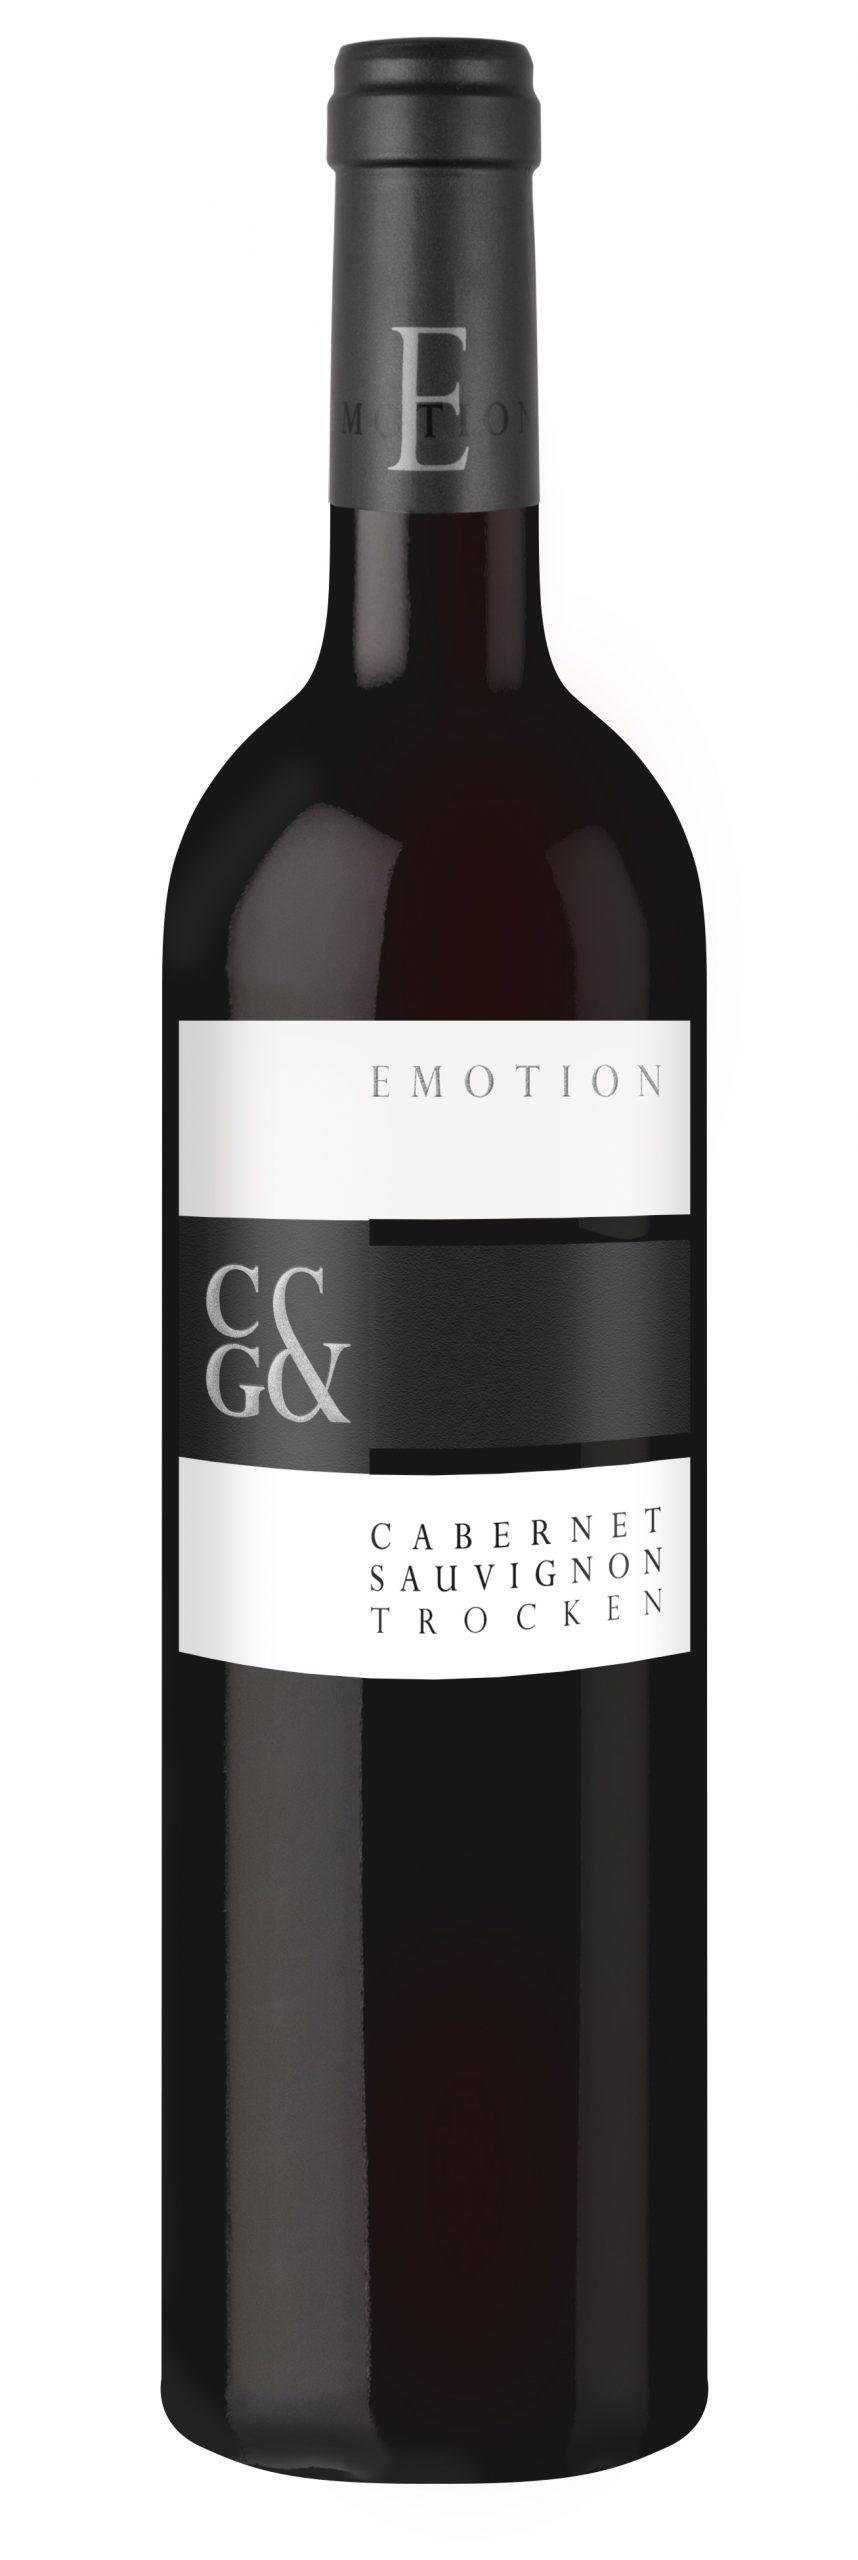 """Beste Festtagsweine Württembergs- das ist einer davon: 2018 Cabernet Sauvignon trocken """"Emotion CG"""" der Weingärtner Cleebronn-Güglingen"""